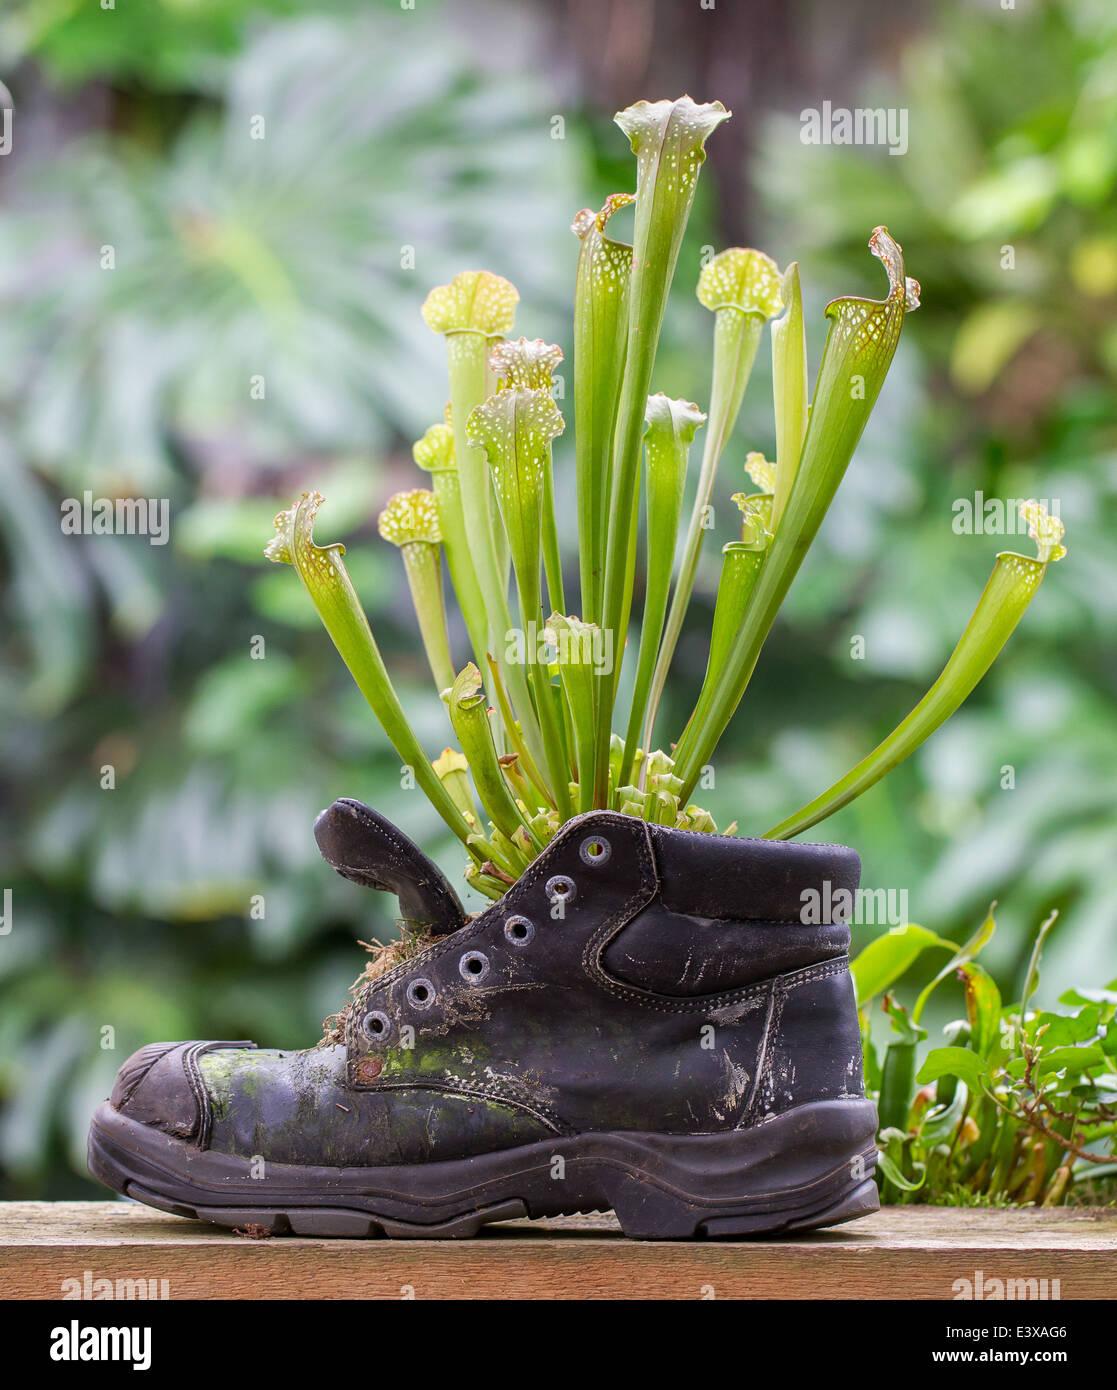 Natur-Kraft, Kannenpflanzen in einen alten Schuh Stockbild